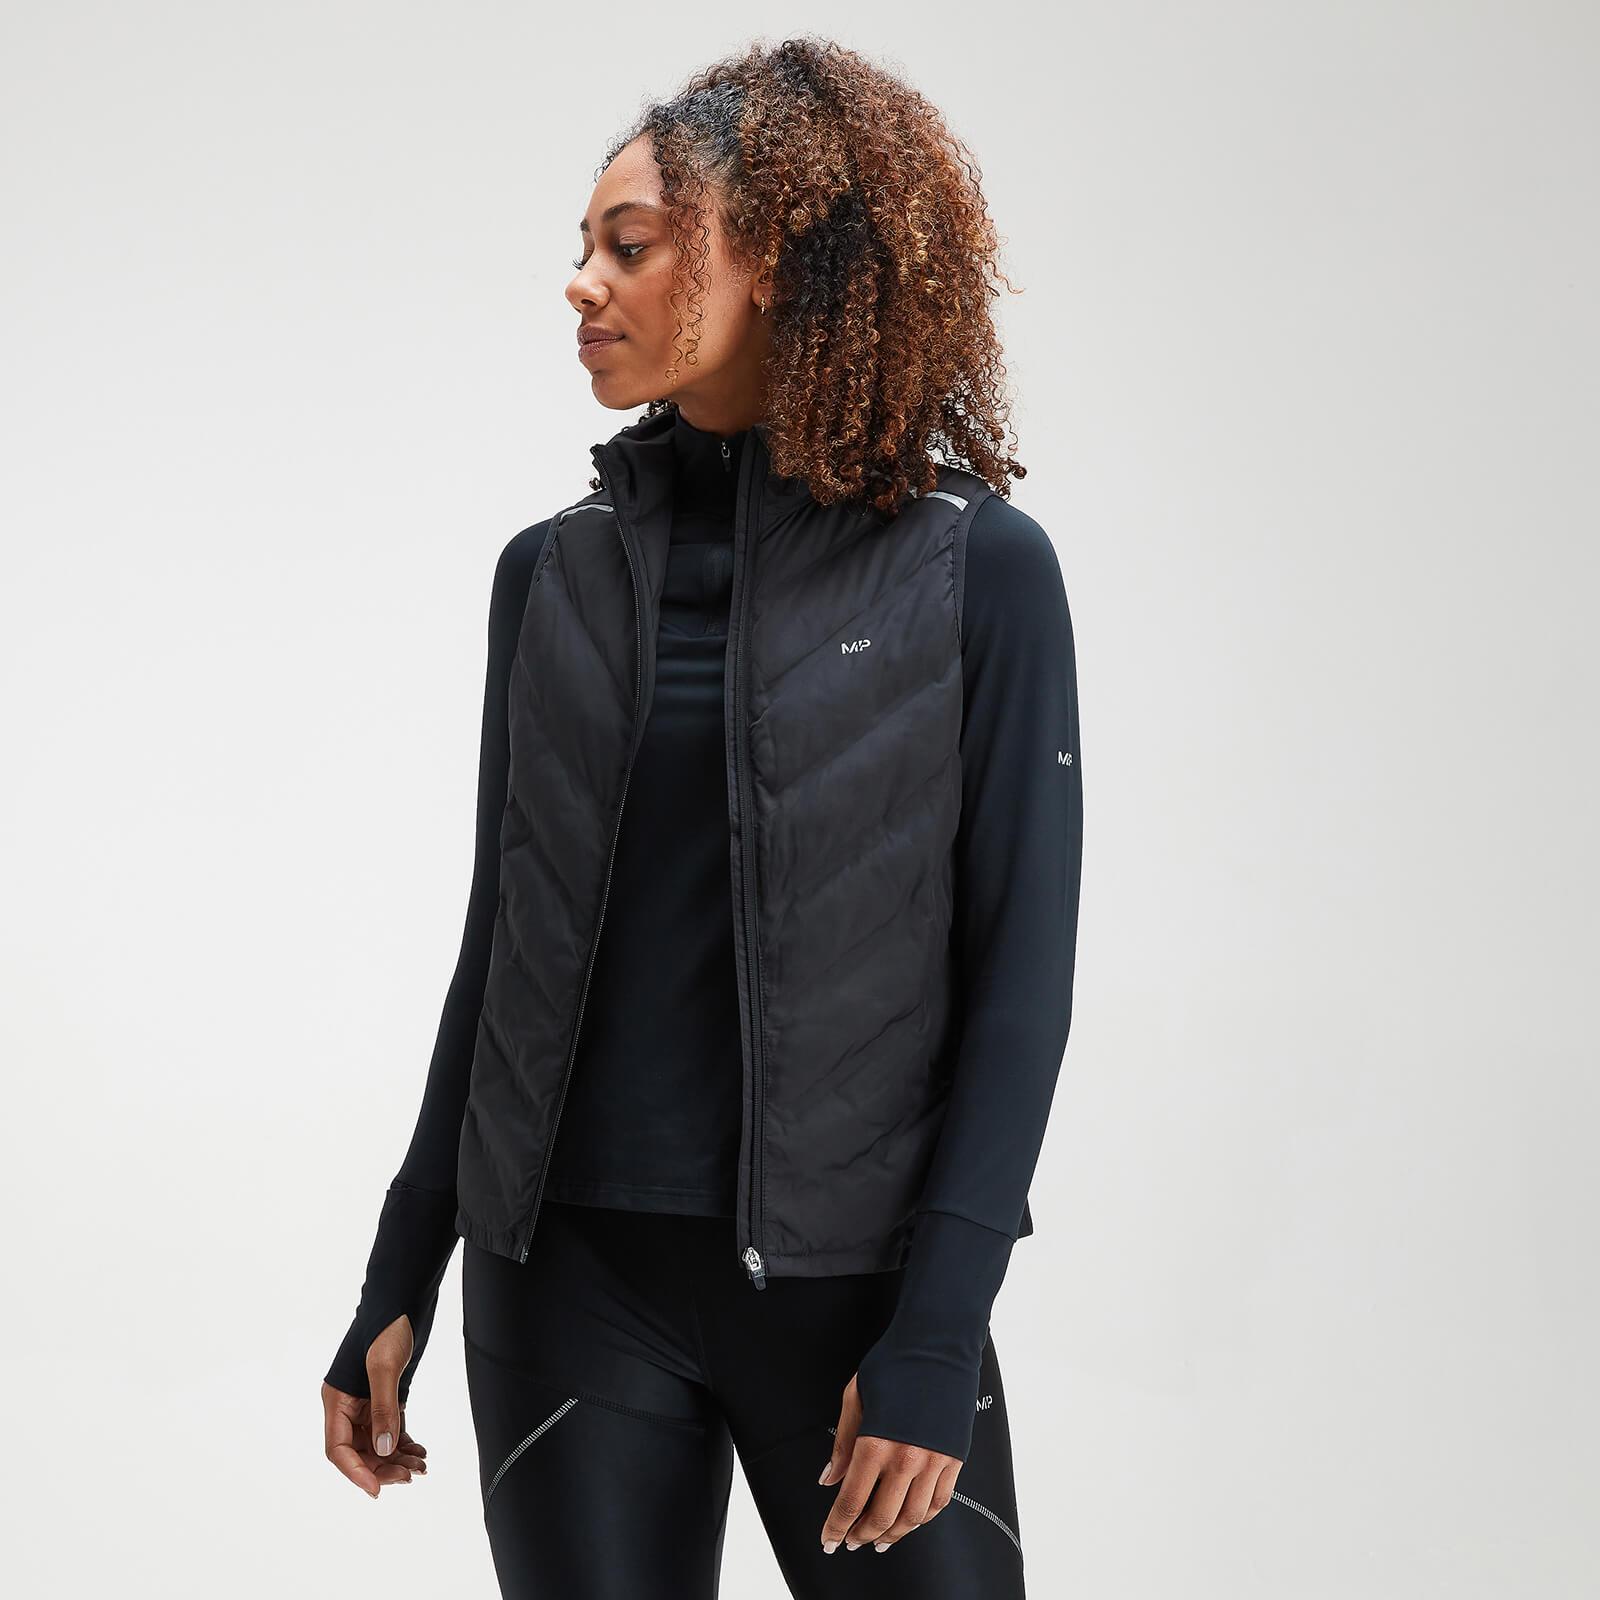 Doudoune sans manches MP Velocity pour femmes – Noir - XXS